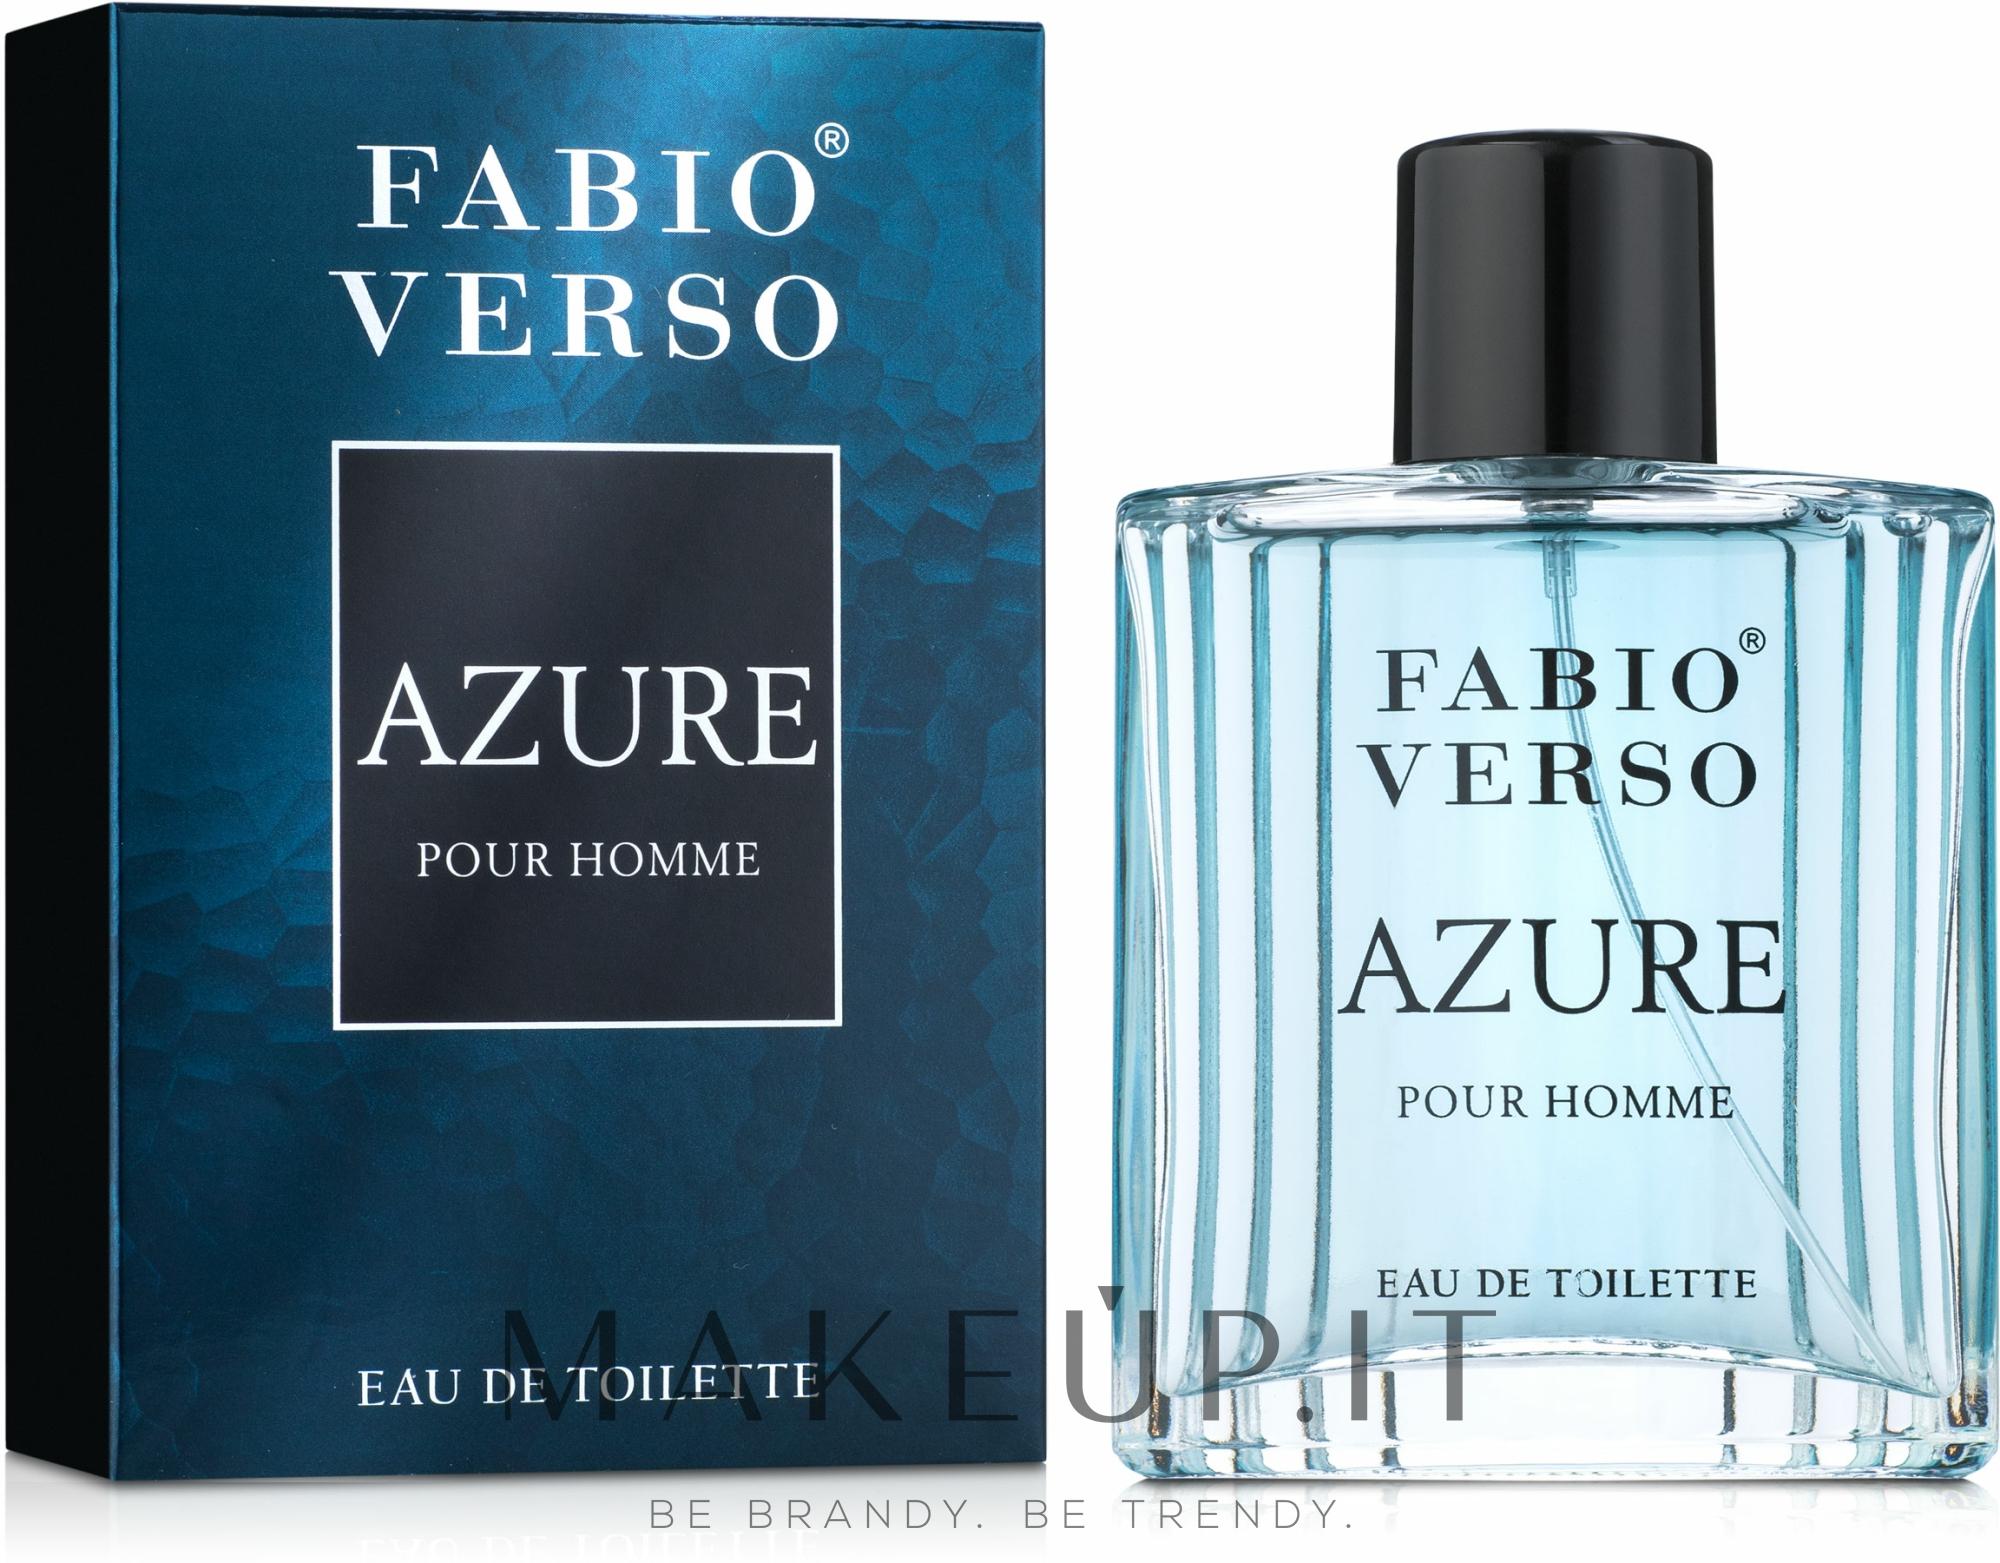 Bi-es Fabio Verso Azure Pour Homme - Eau de toilette — foto 100 ml